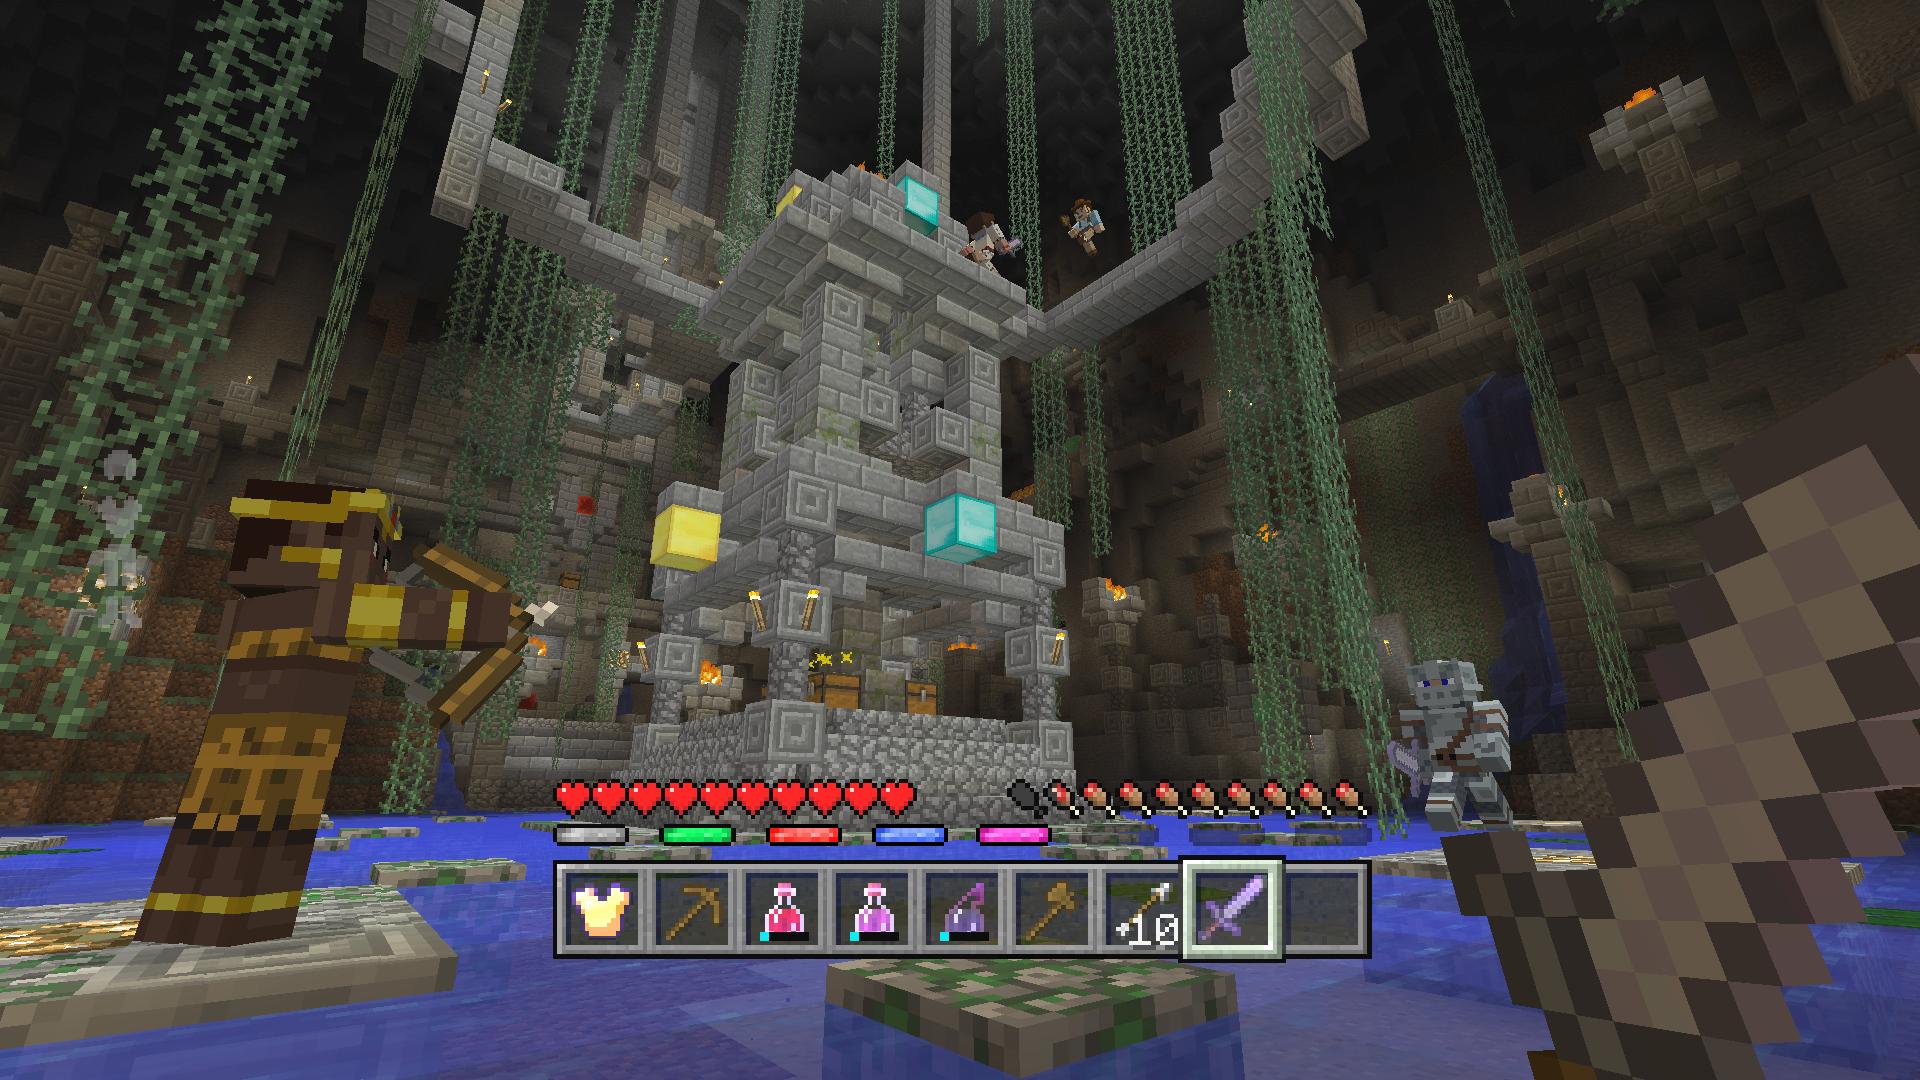 Minecraft Minispiele Für Konsolen Kommen Im Juni - Minecraft spielen sofort